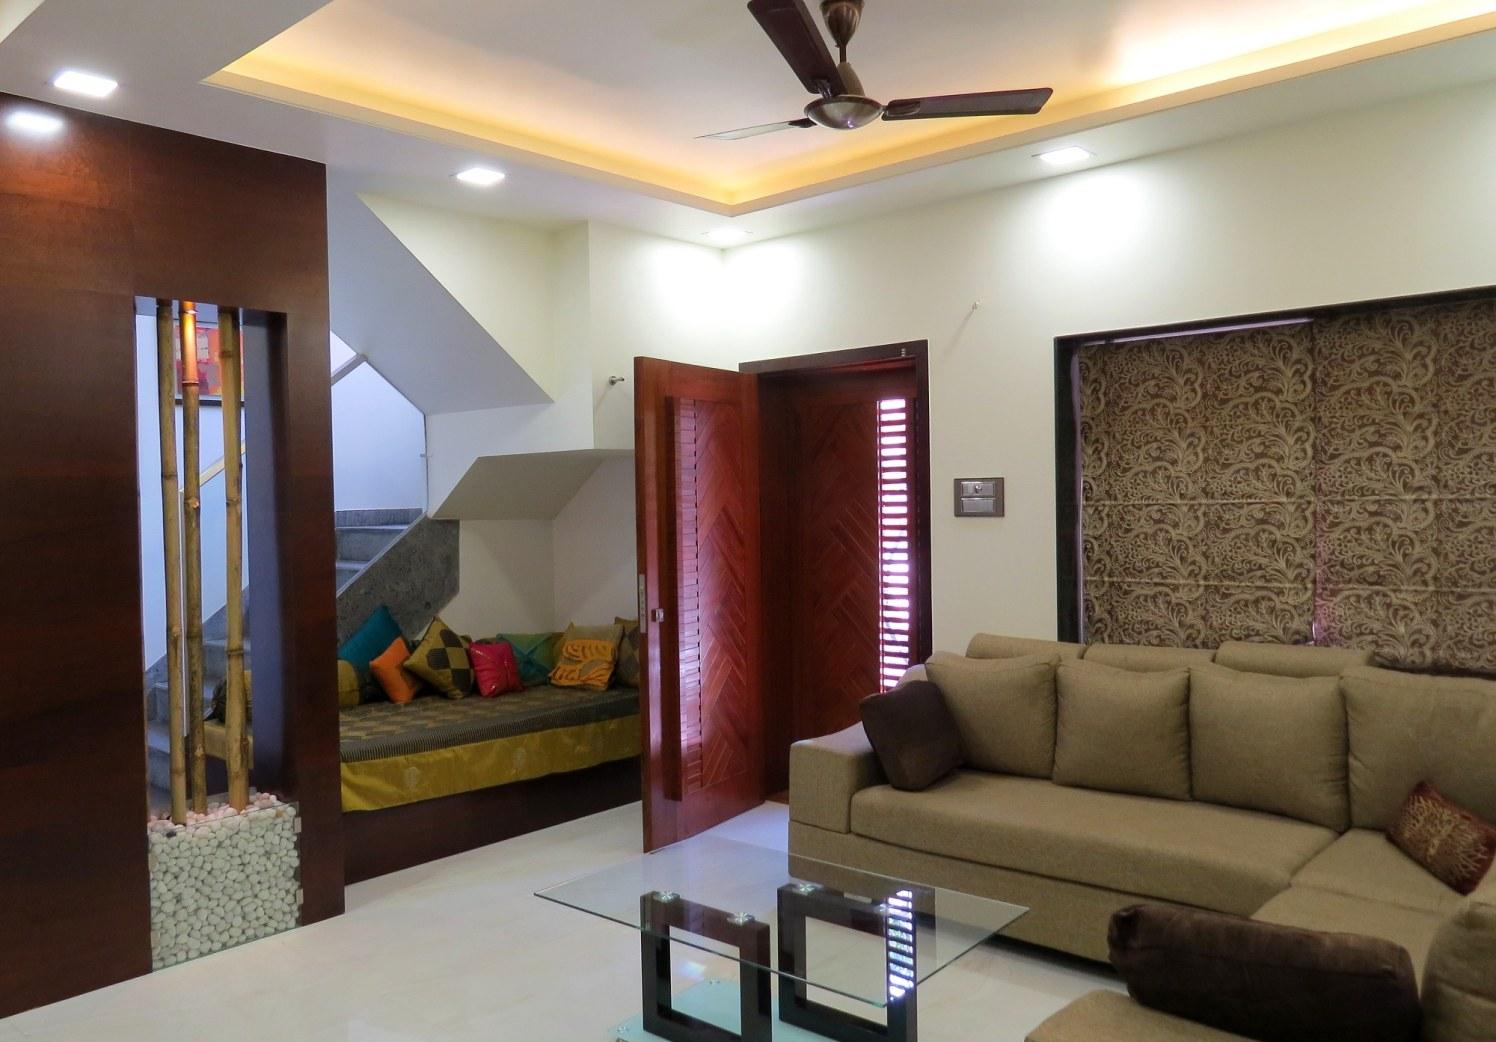 Room for creativity by Harshila Shreeram Talasila